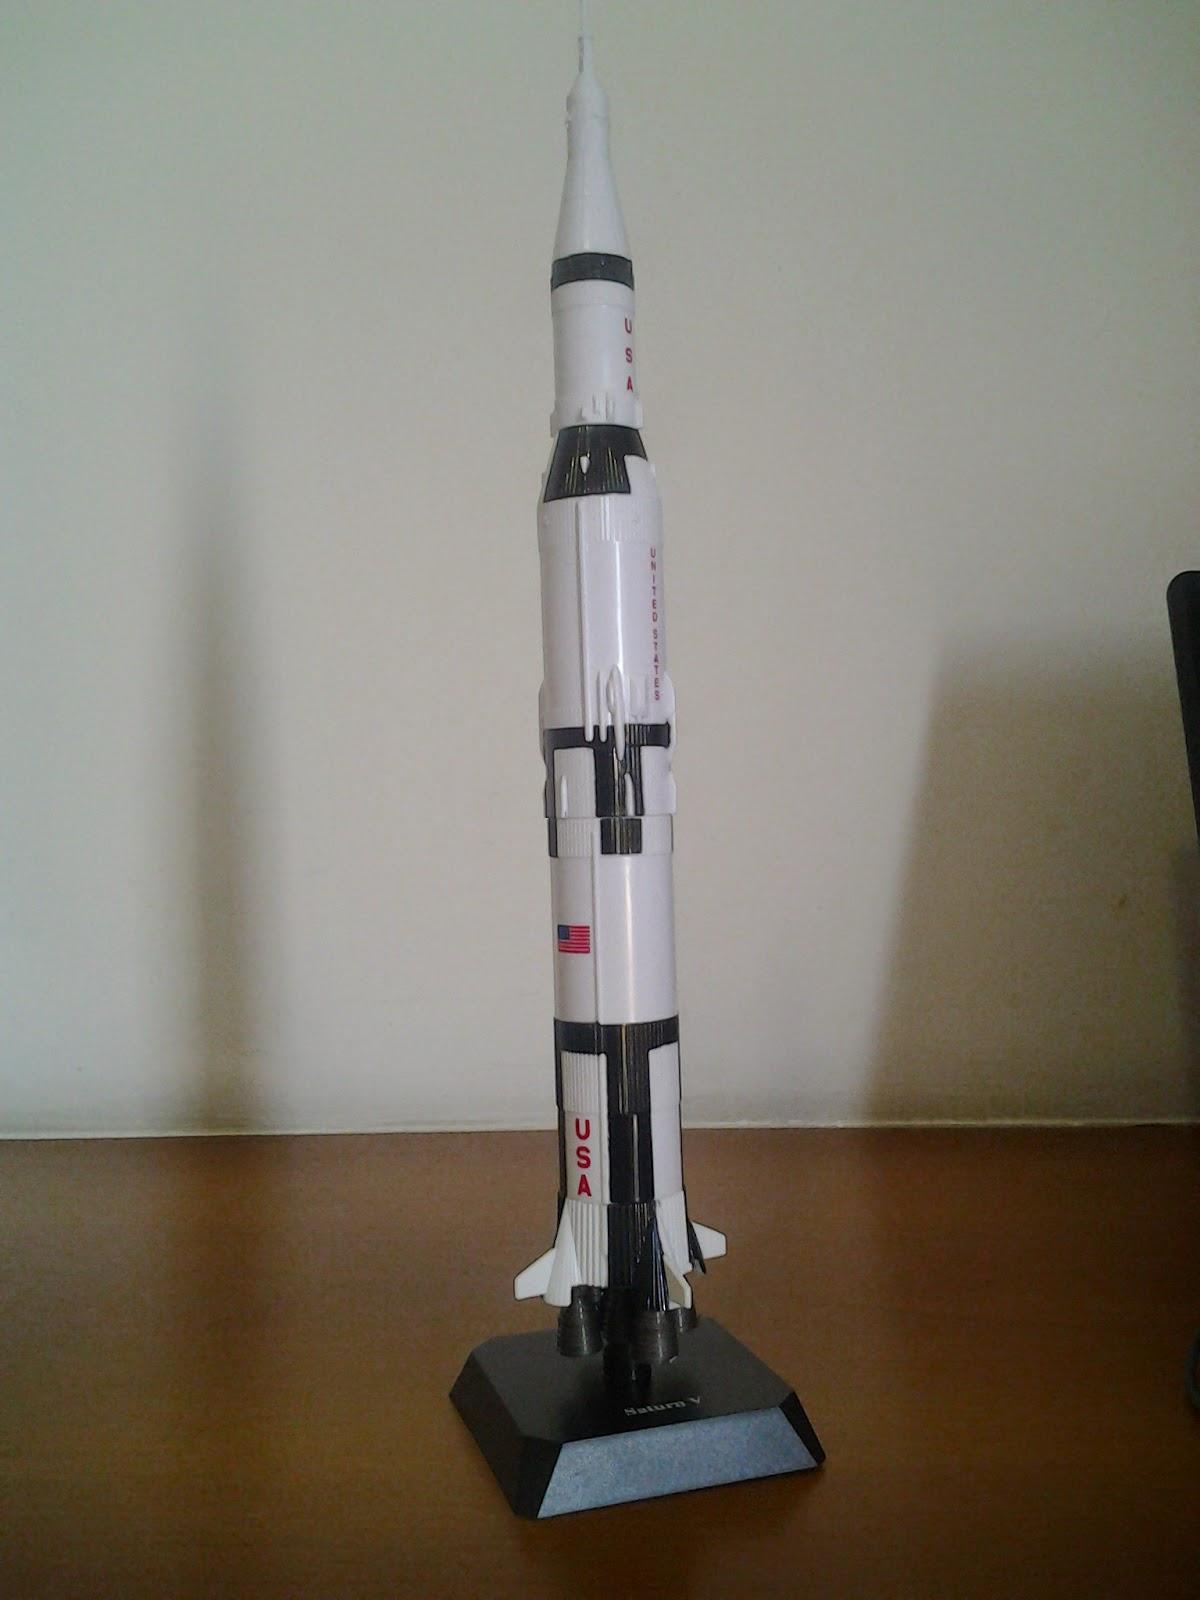 Miniatura do foguete Saturno V